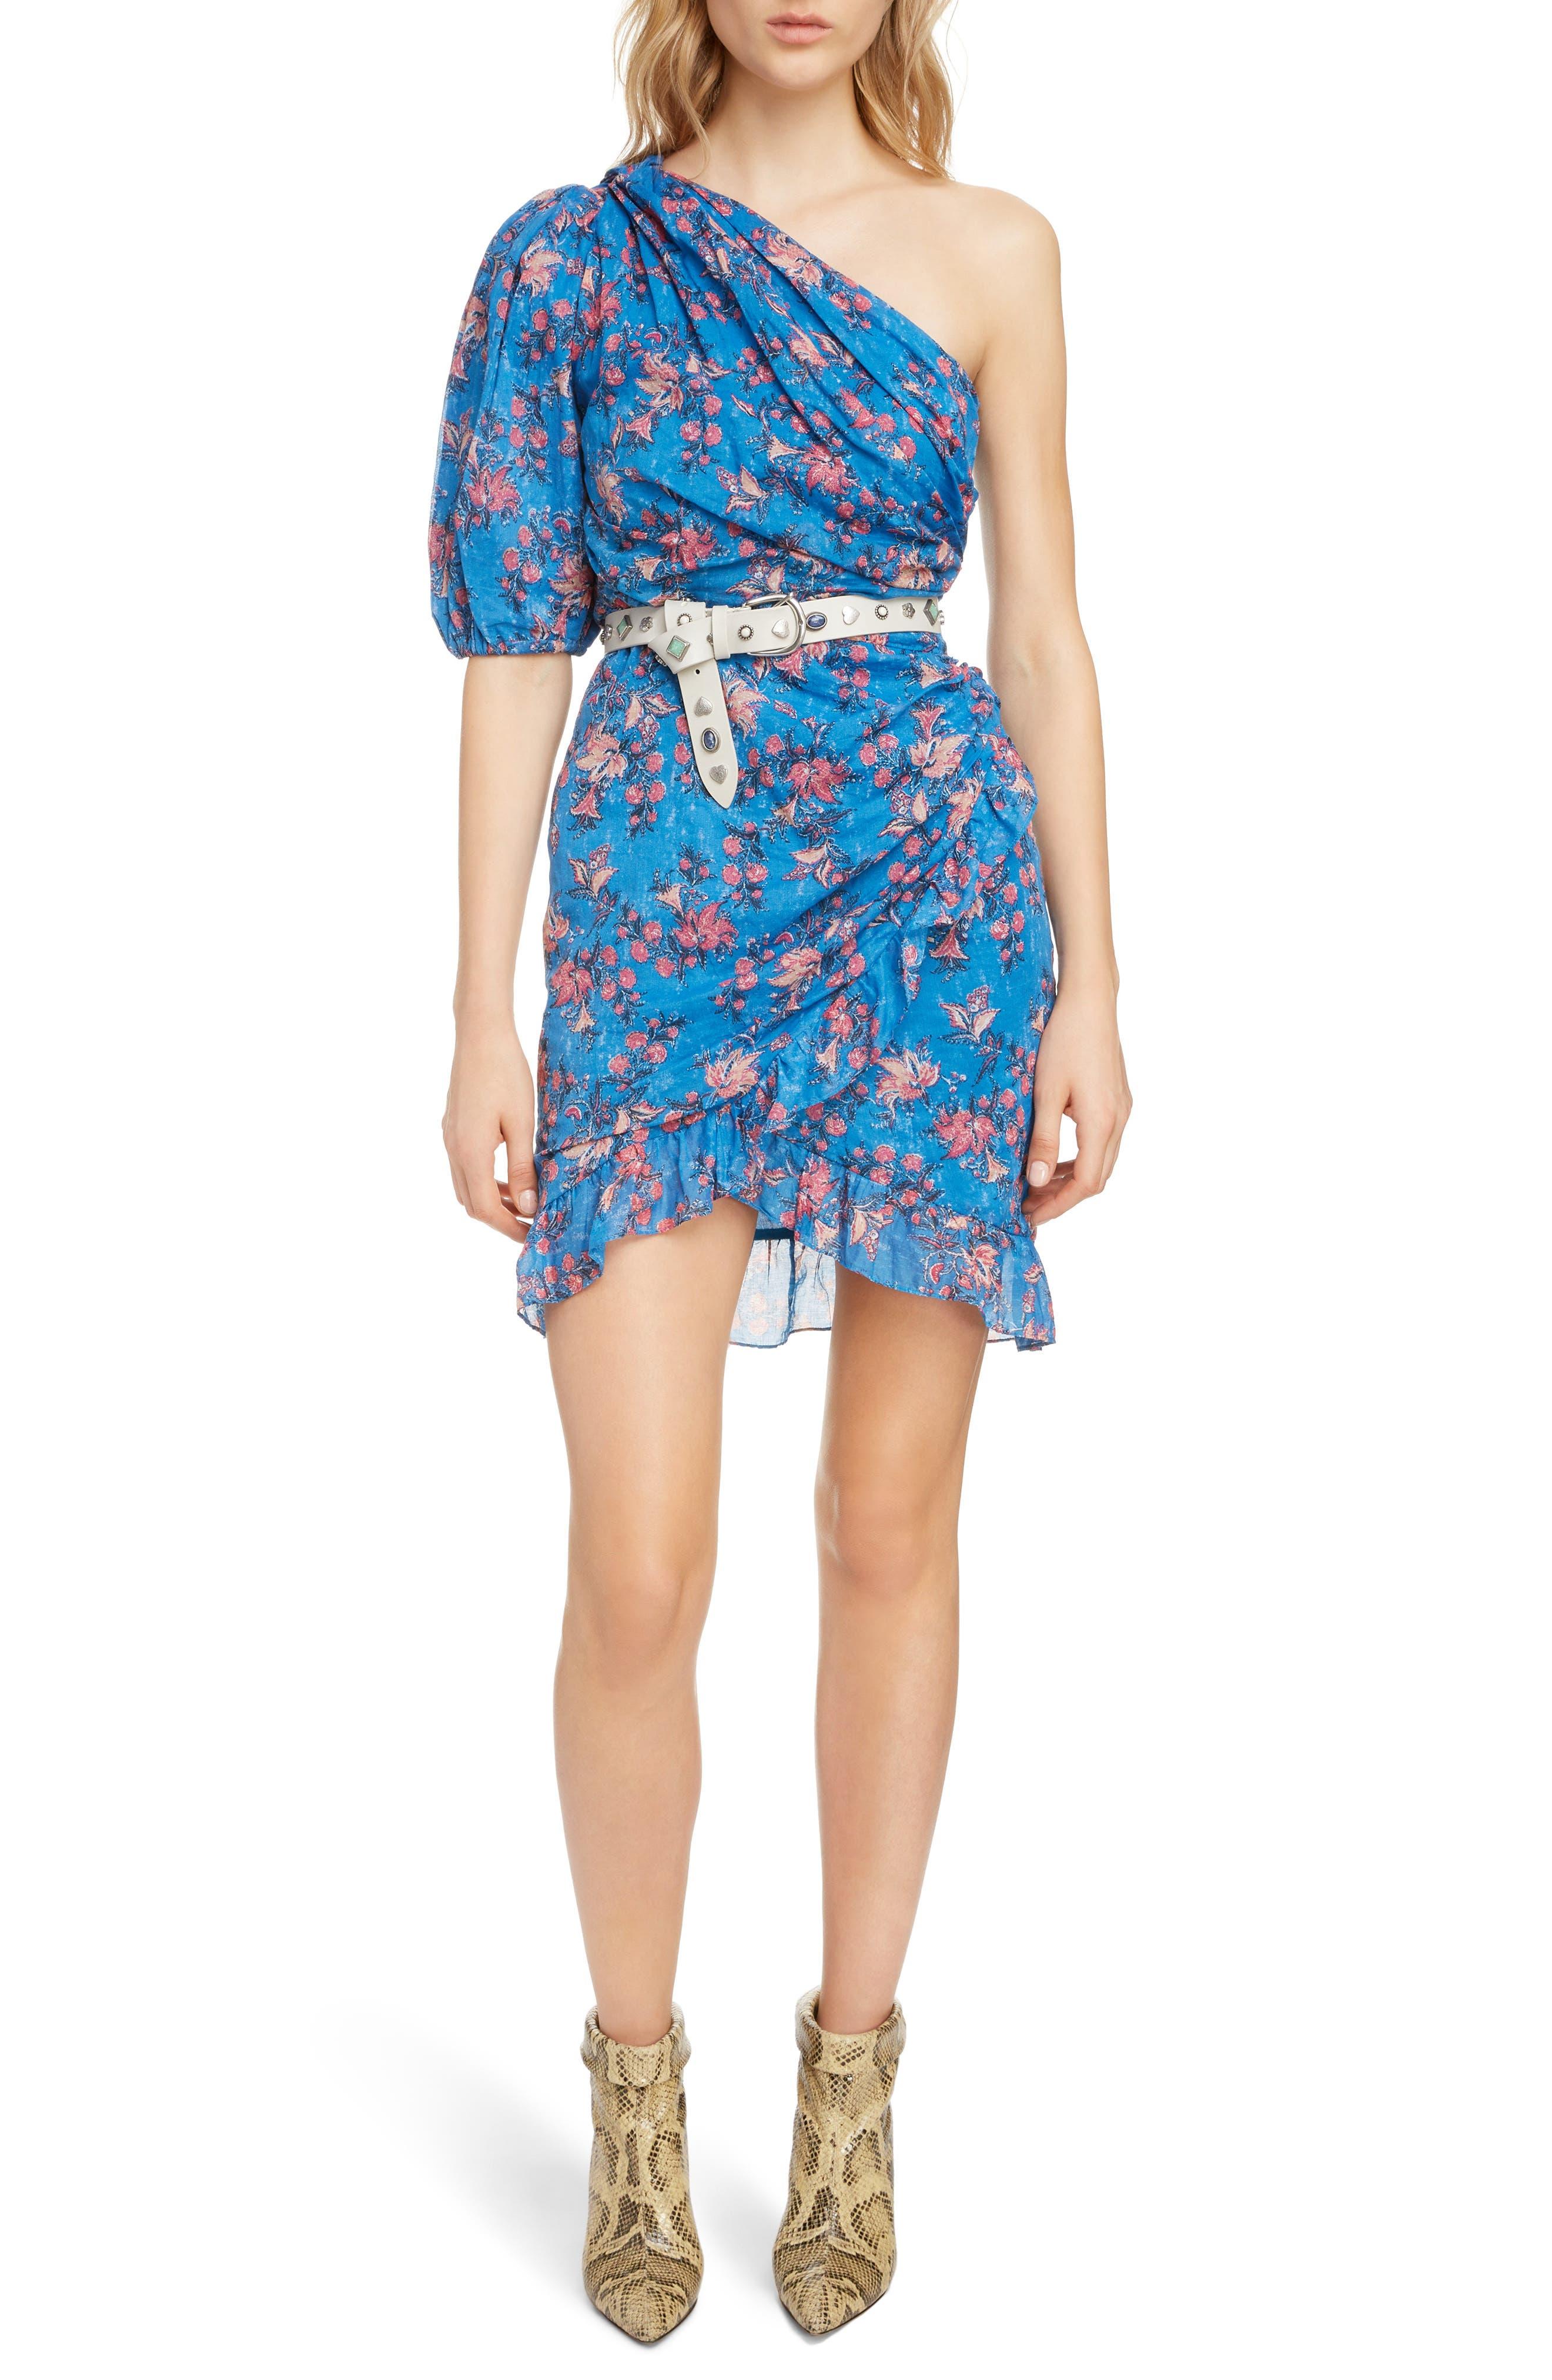 ISABEL MARANT ÉTOILE Esther One-Shoulder Dress, Main, color, BLUE